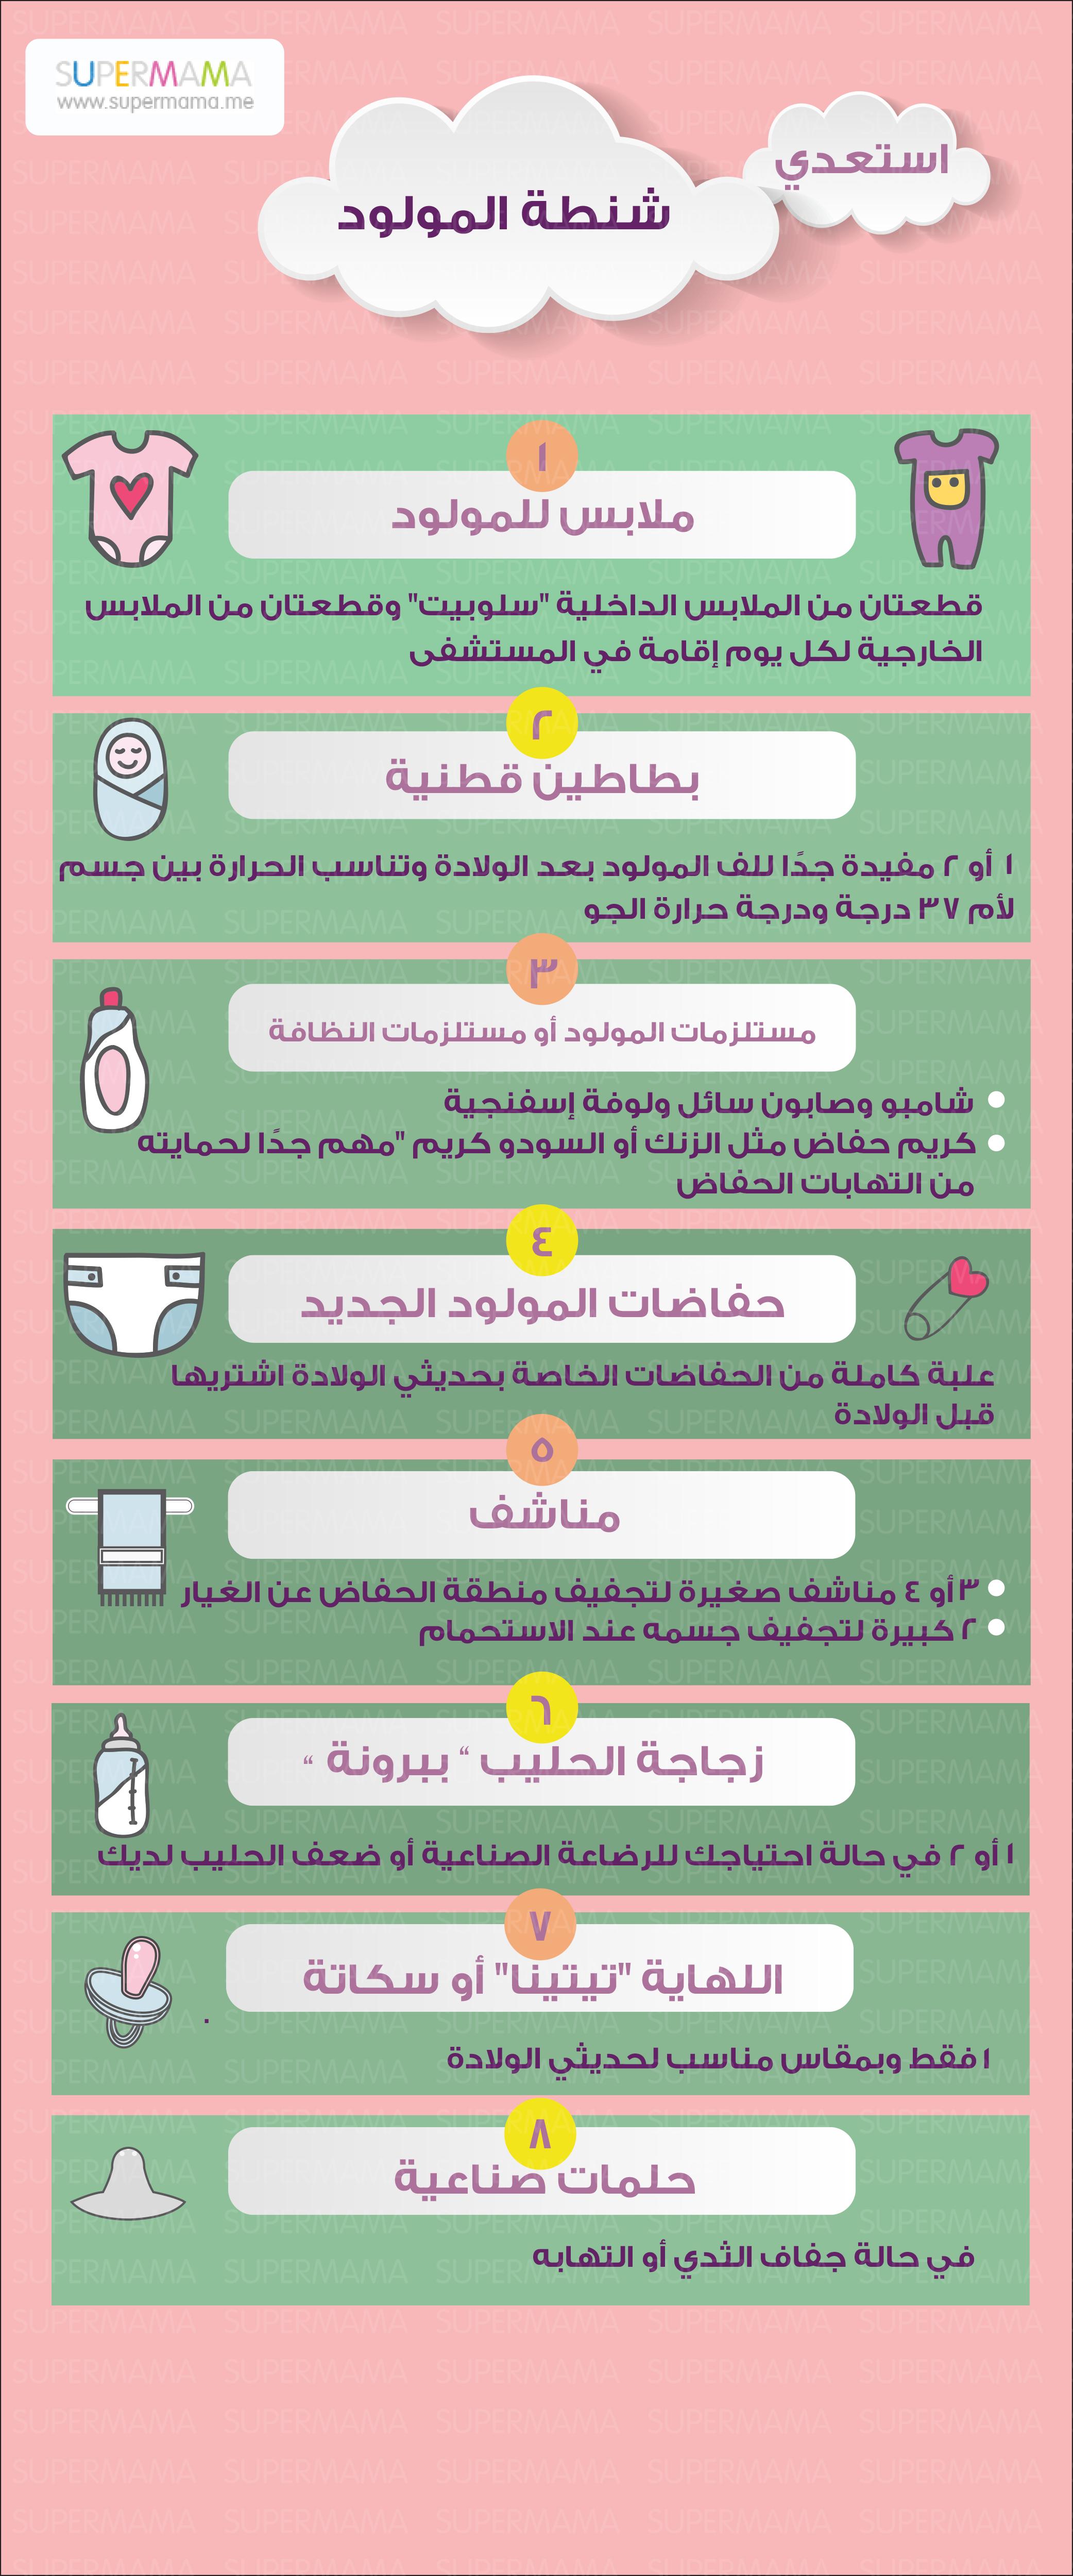 شنطة المولود تجهيزات الولاده شنطة الطفل شنطة المستشفي Baby Education Baby Advice Baby Facts